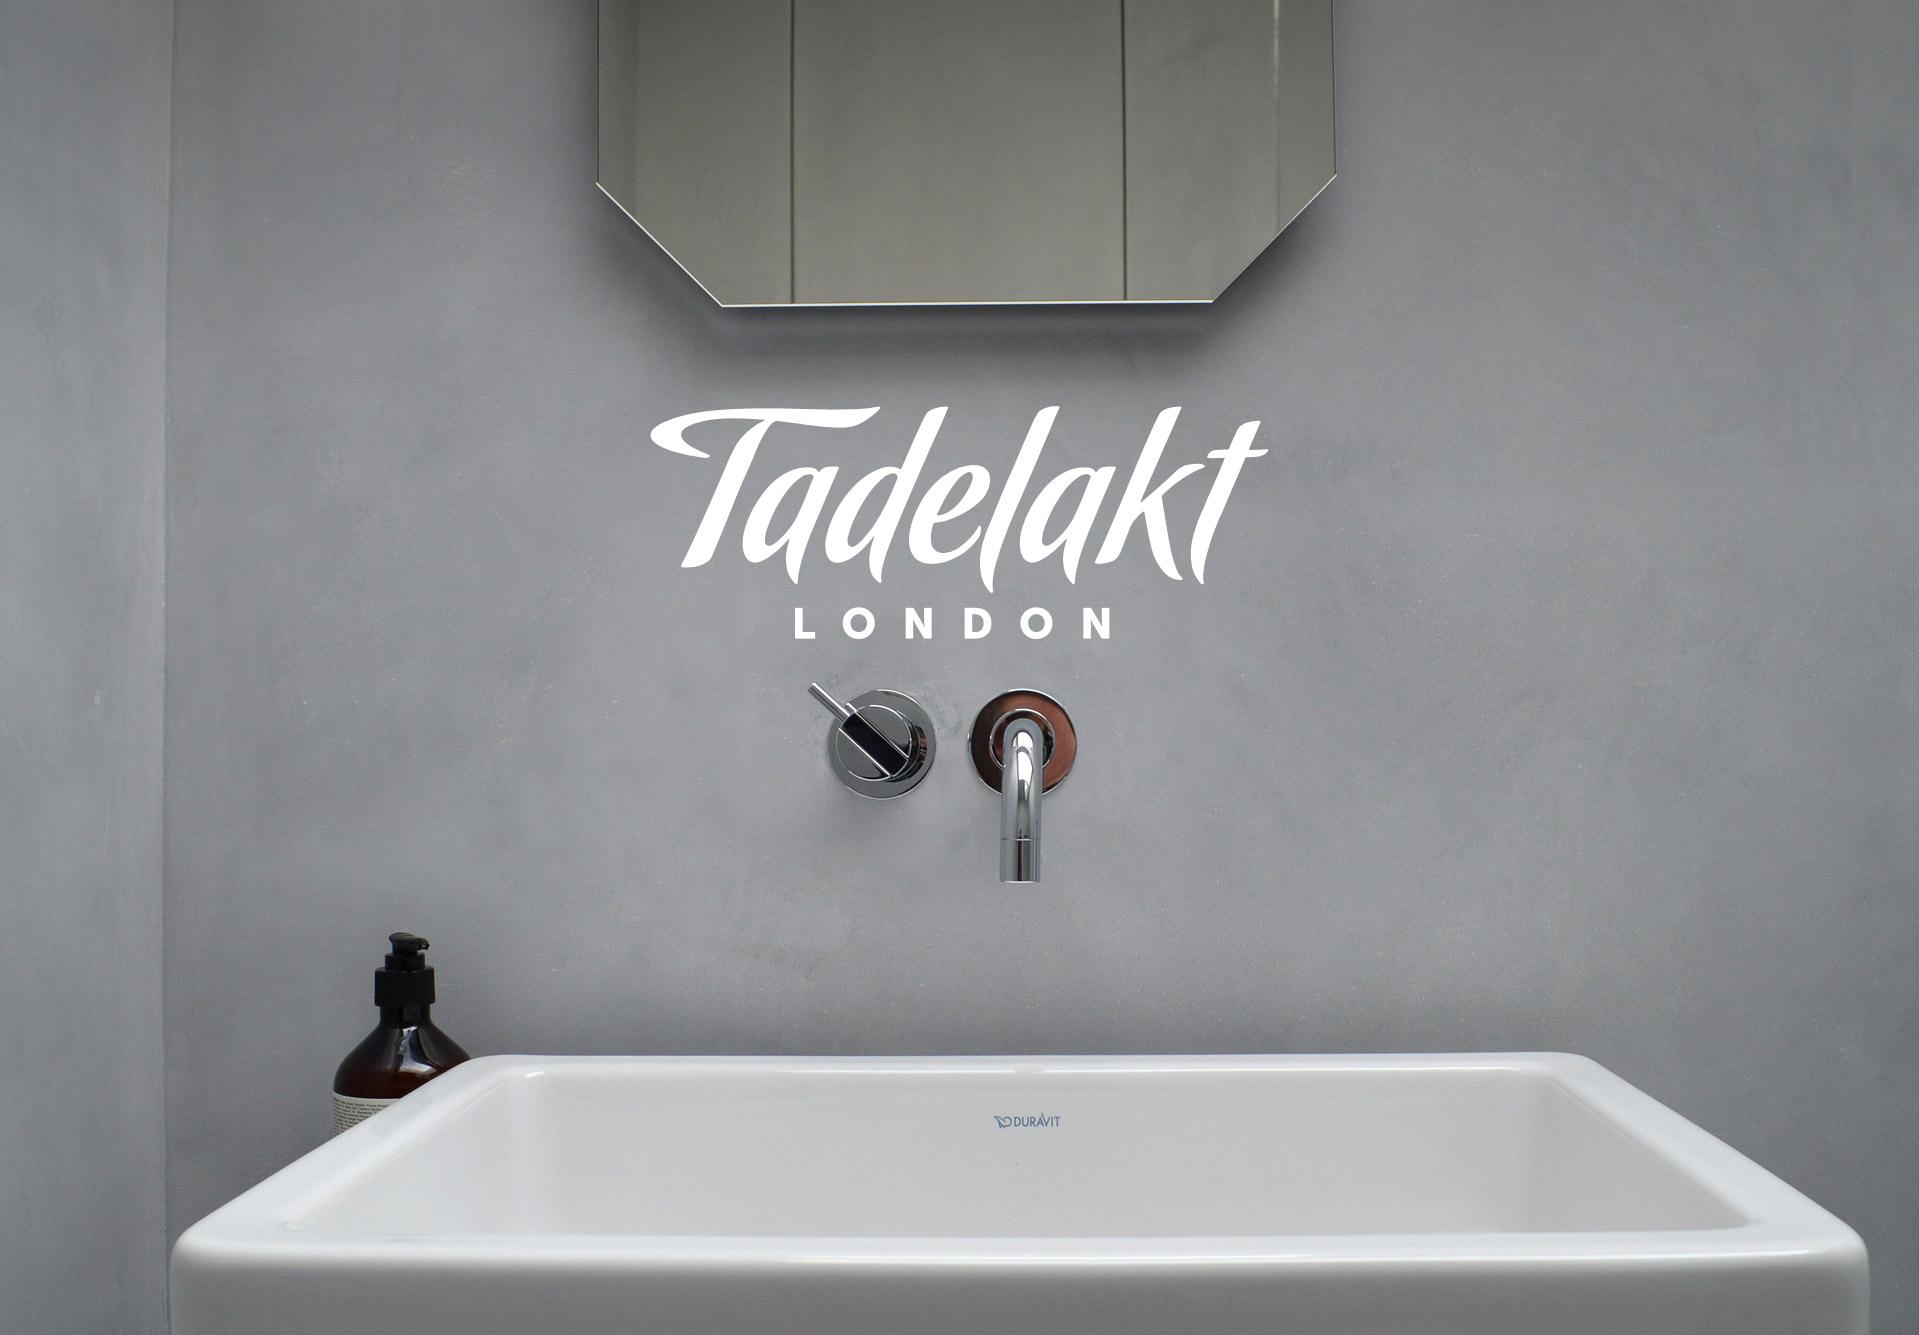 Tadelakt London